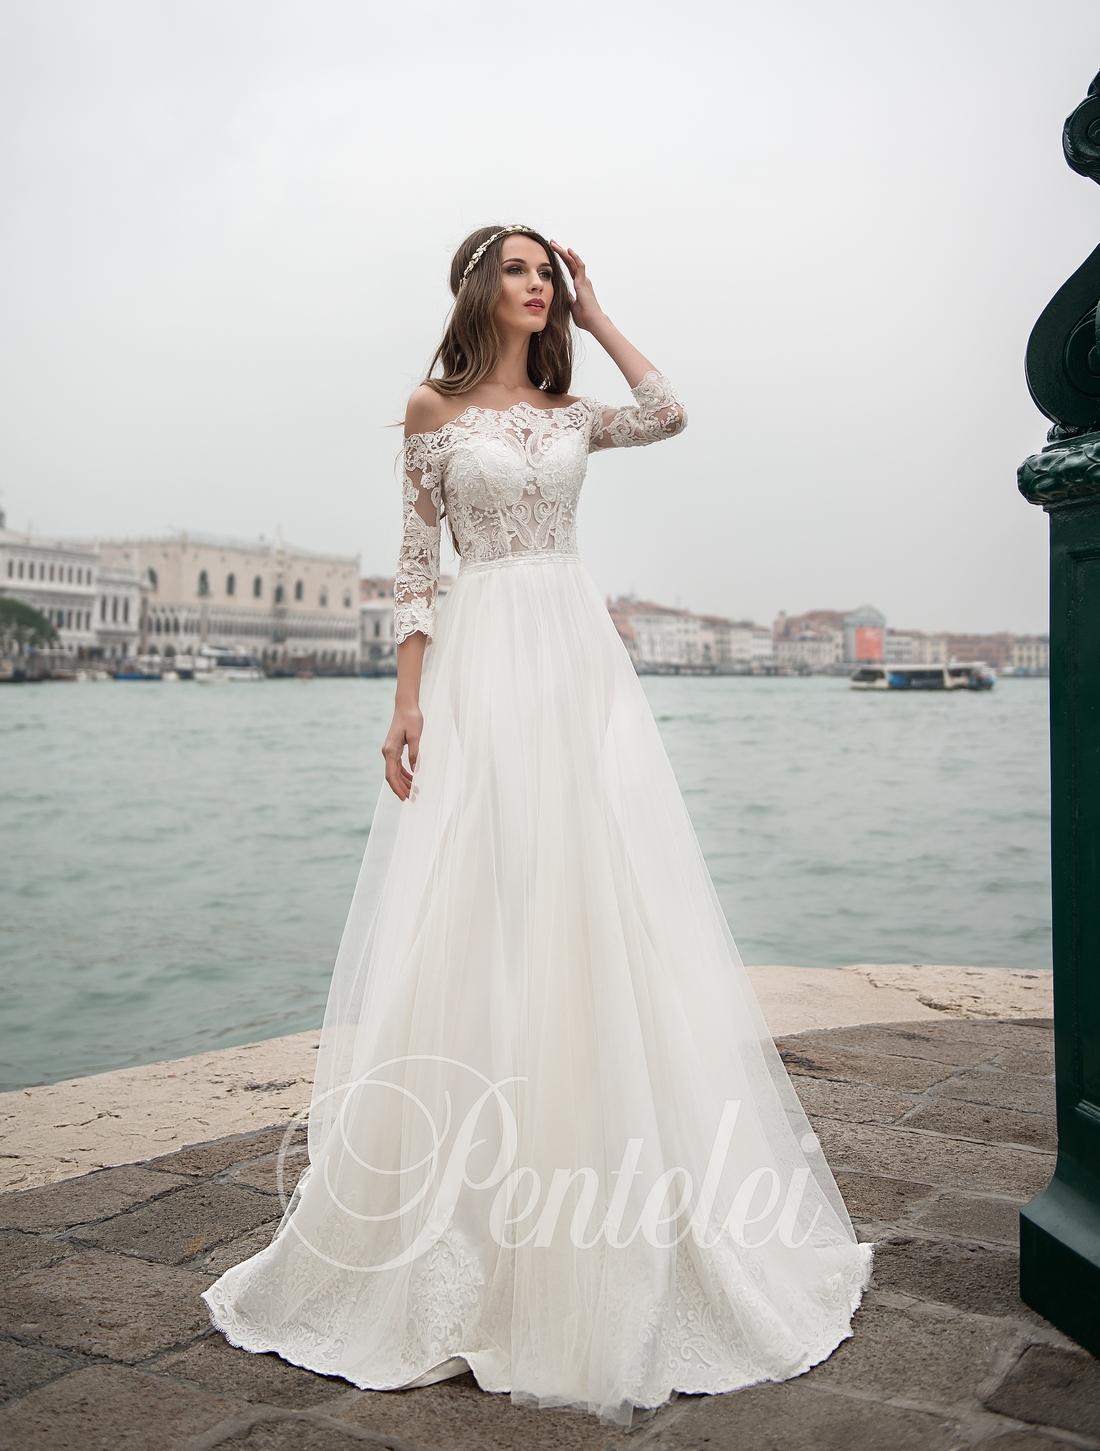 Свадебное платье с кружевом и рукавами 3/4 оптом от Pentelei